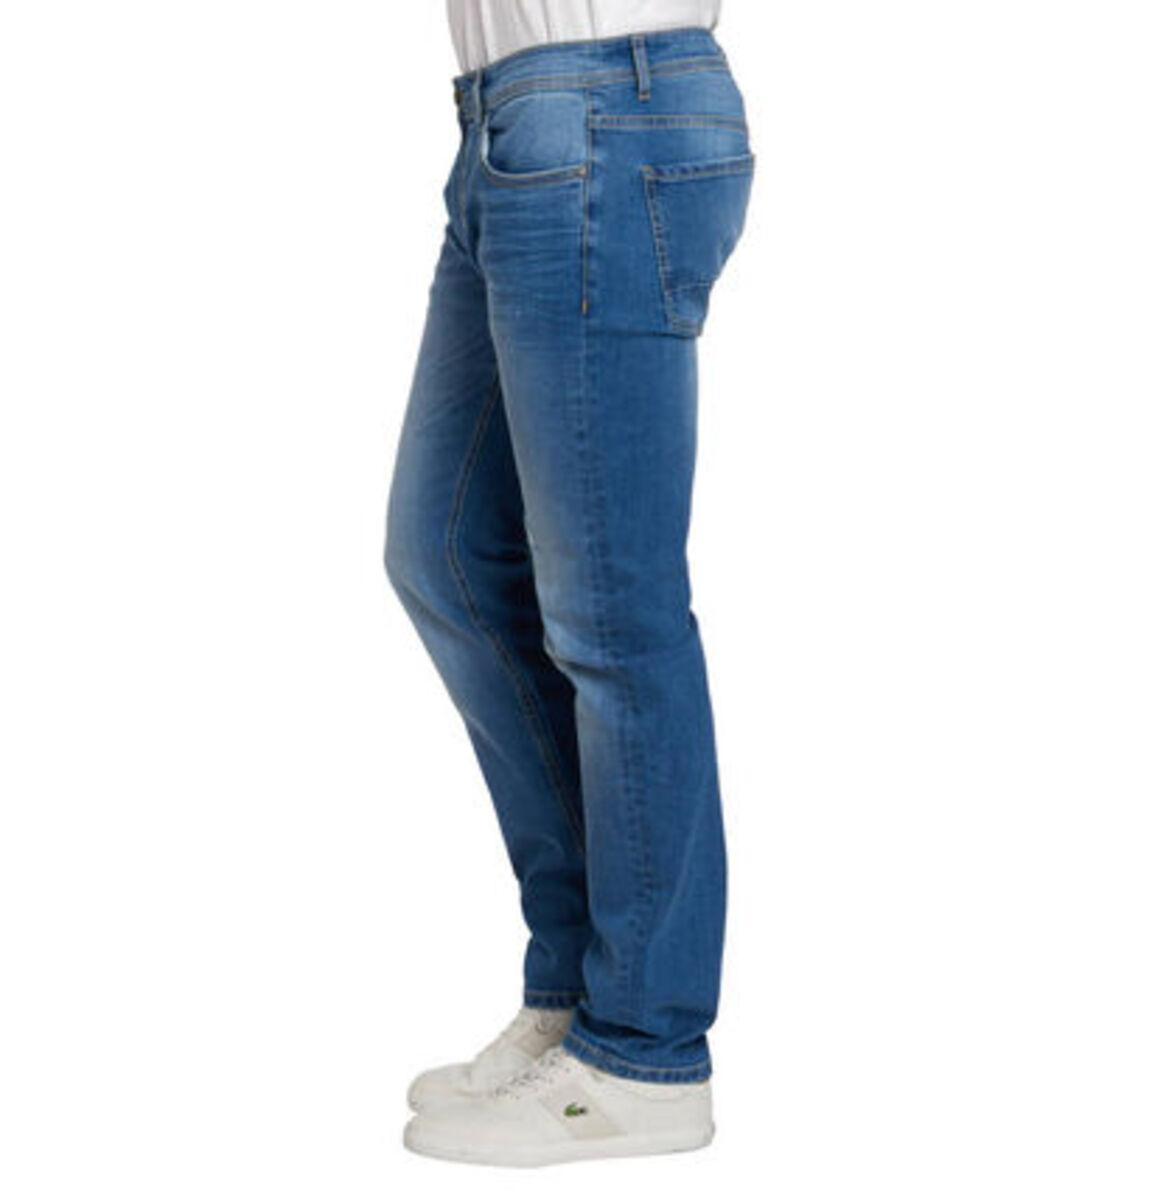 Bild 2 von manguun Herren Jeans, Slim Fit, Baumwolle, Destroyed Denim